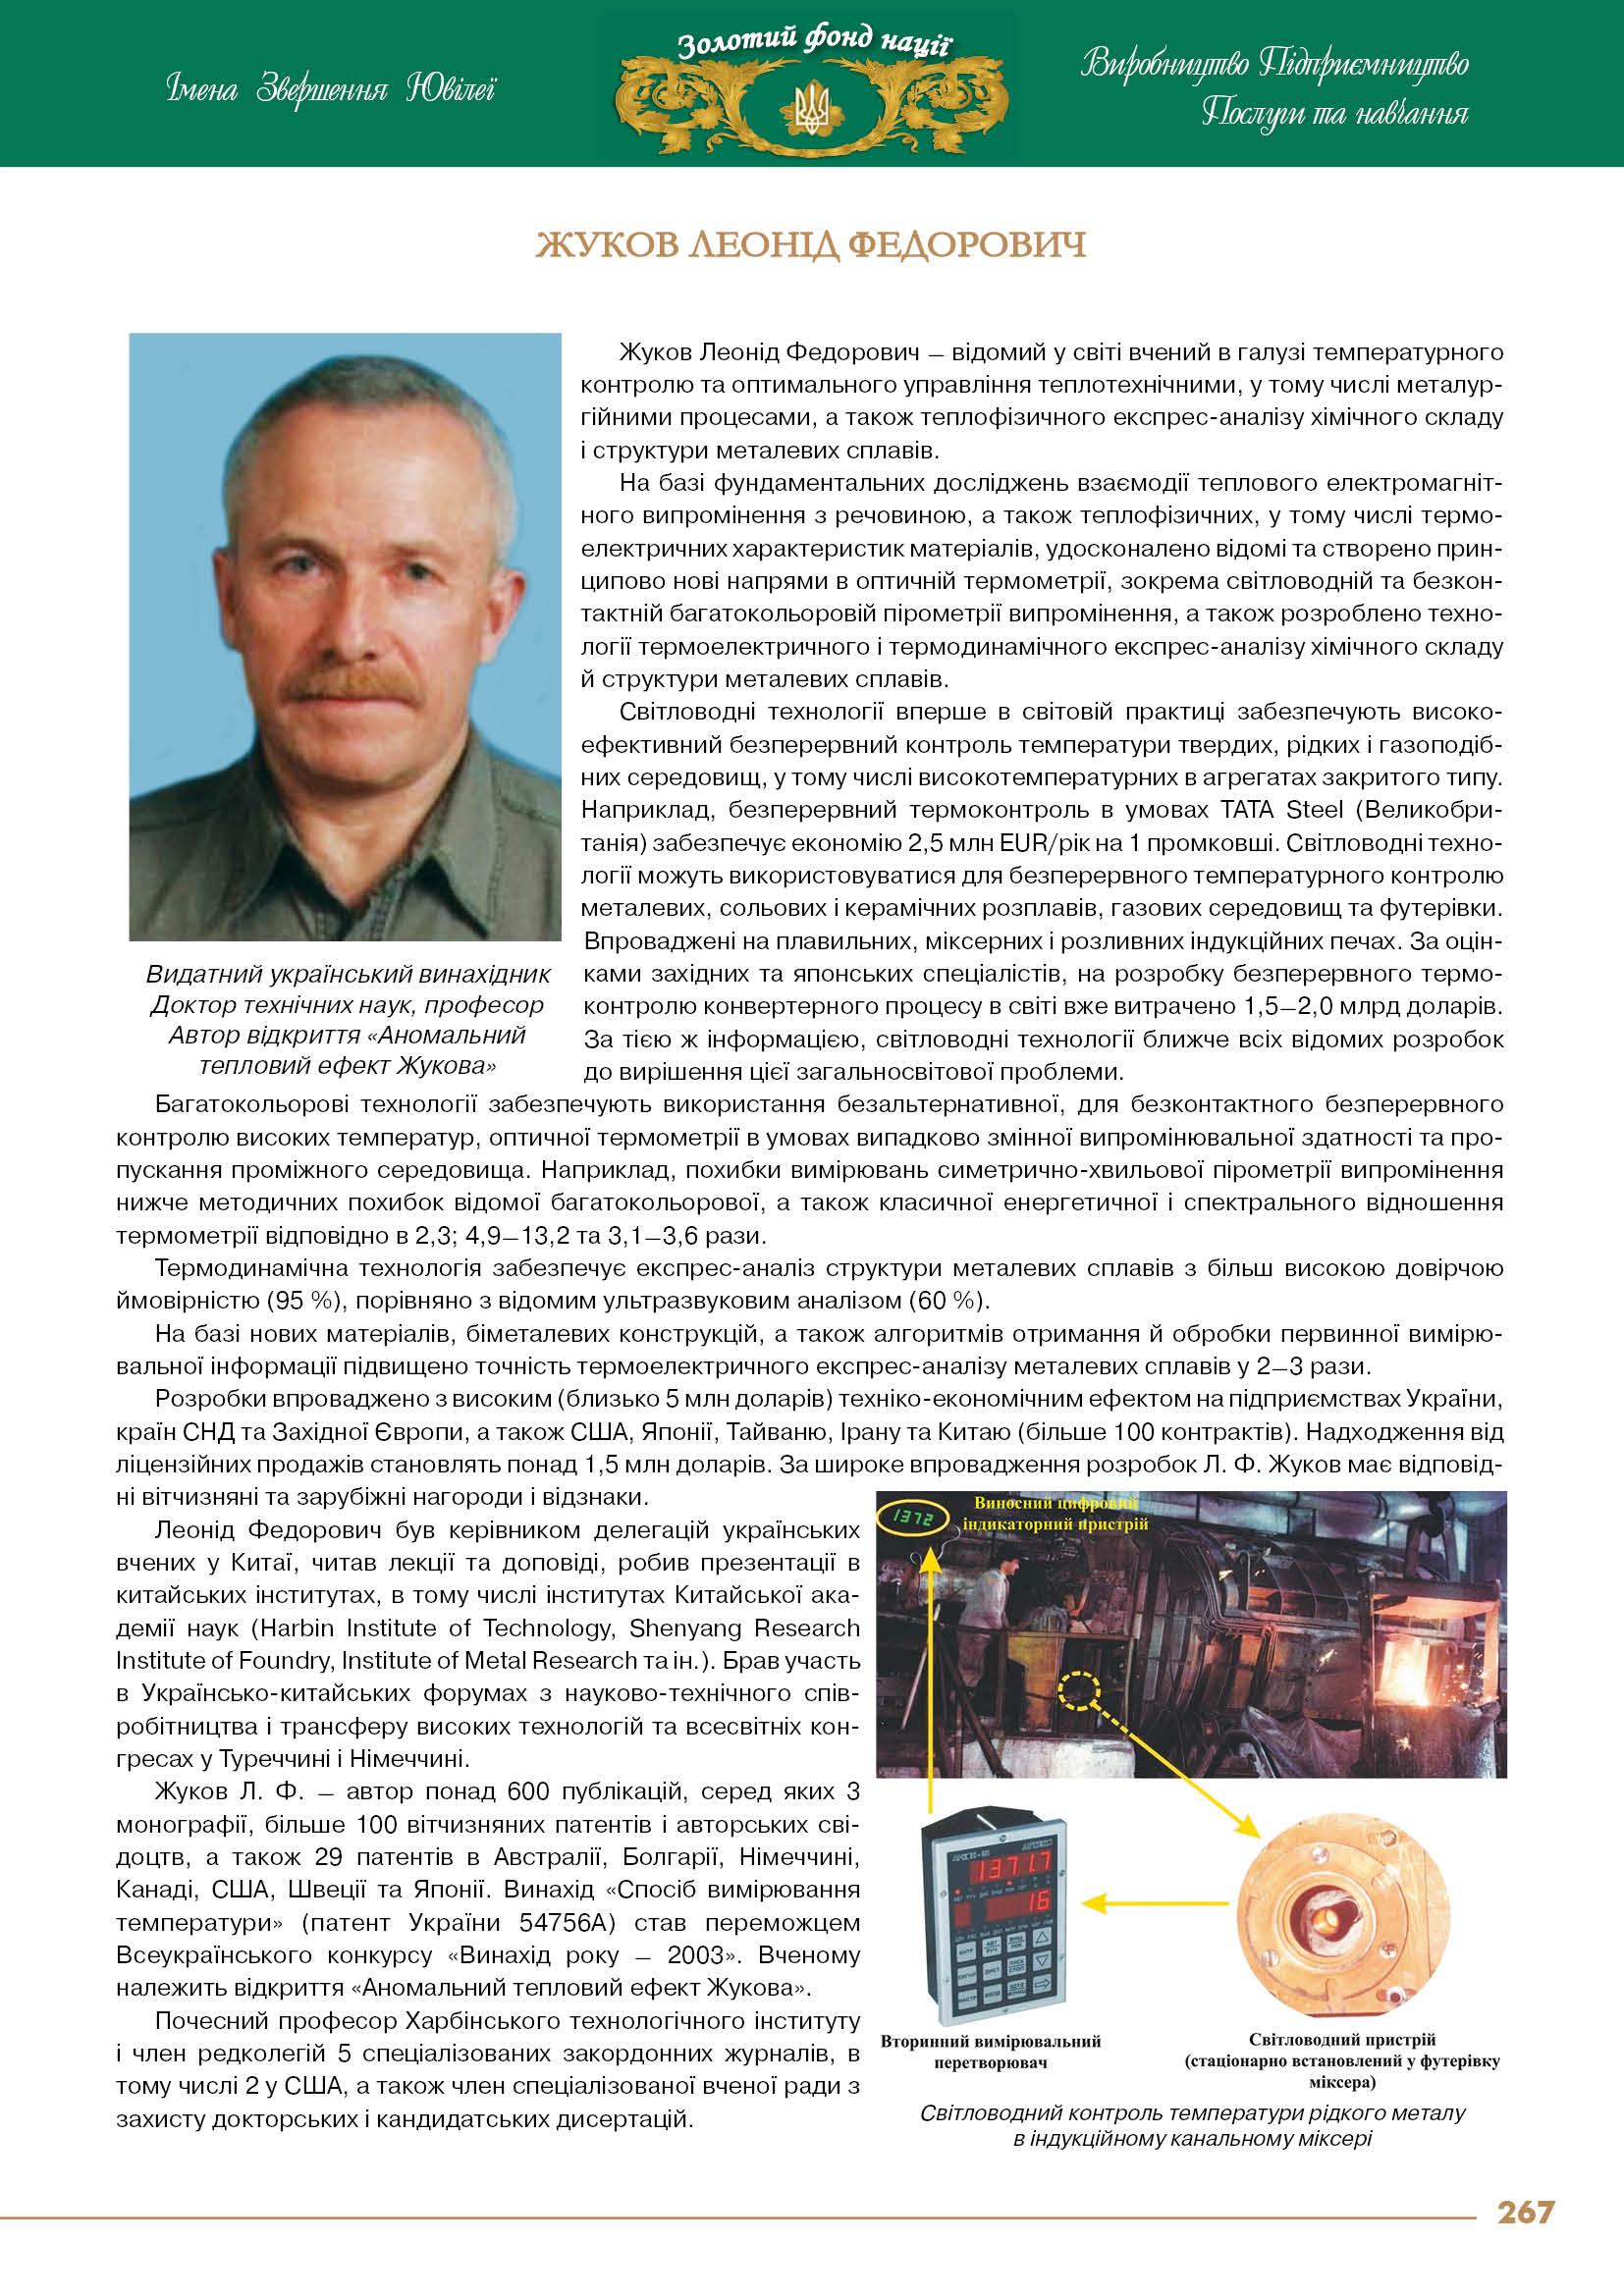 Жуков Леонід Федорович